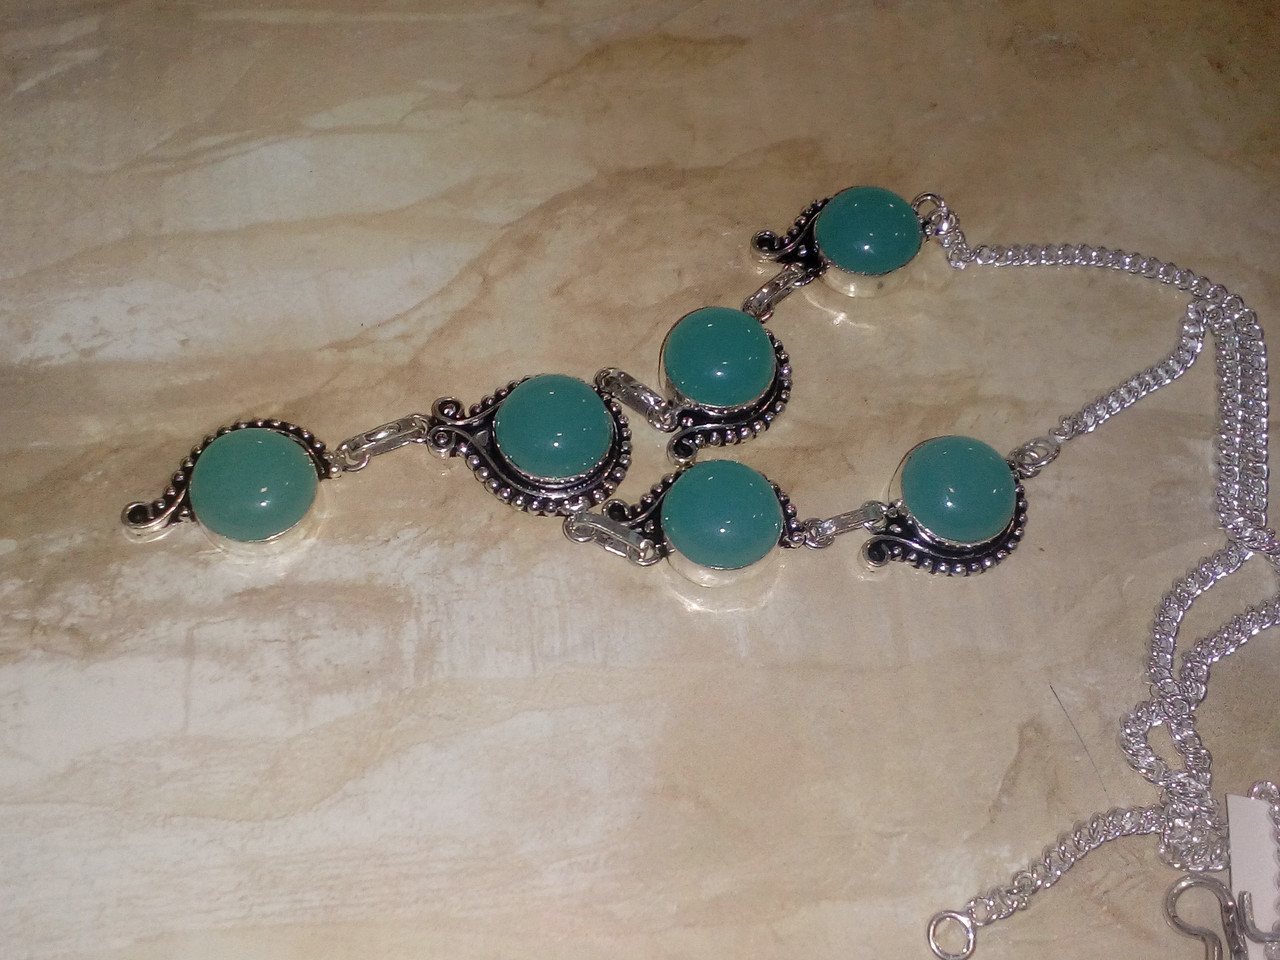 Халцедон ожерелье с индийским халцедоном в серебре Индия